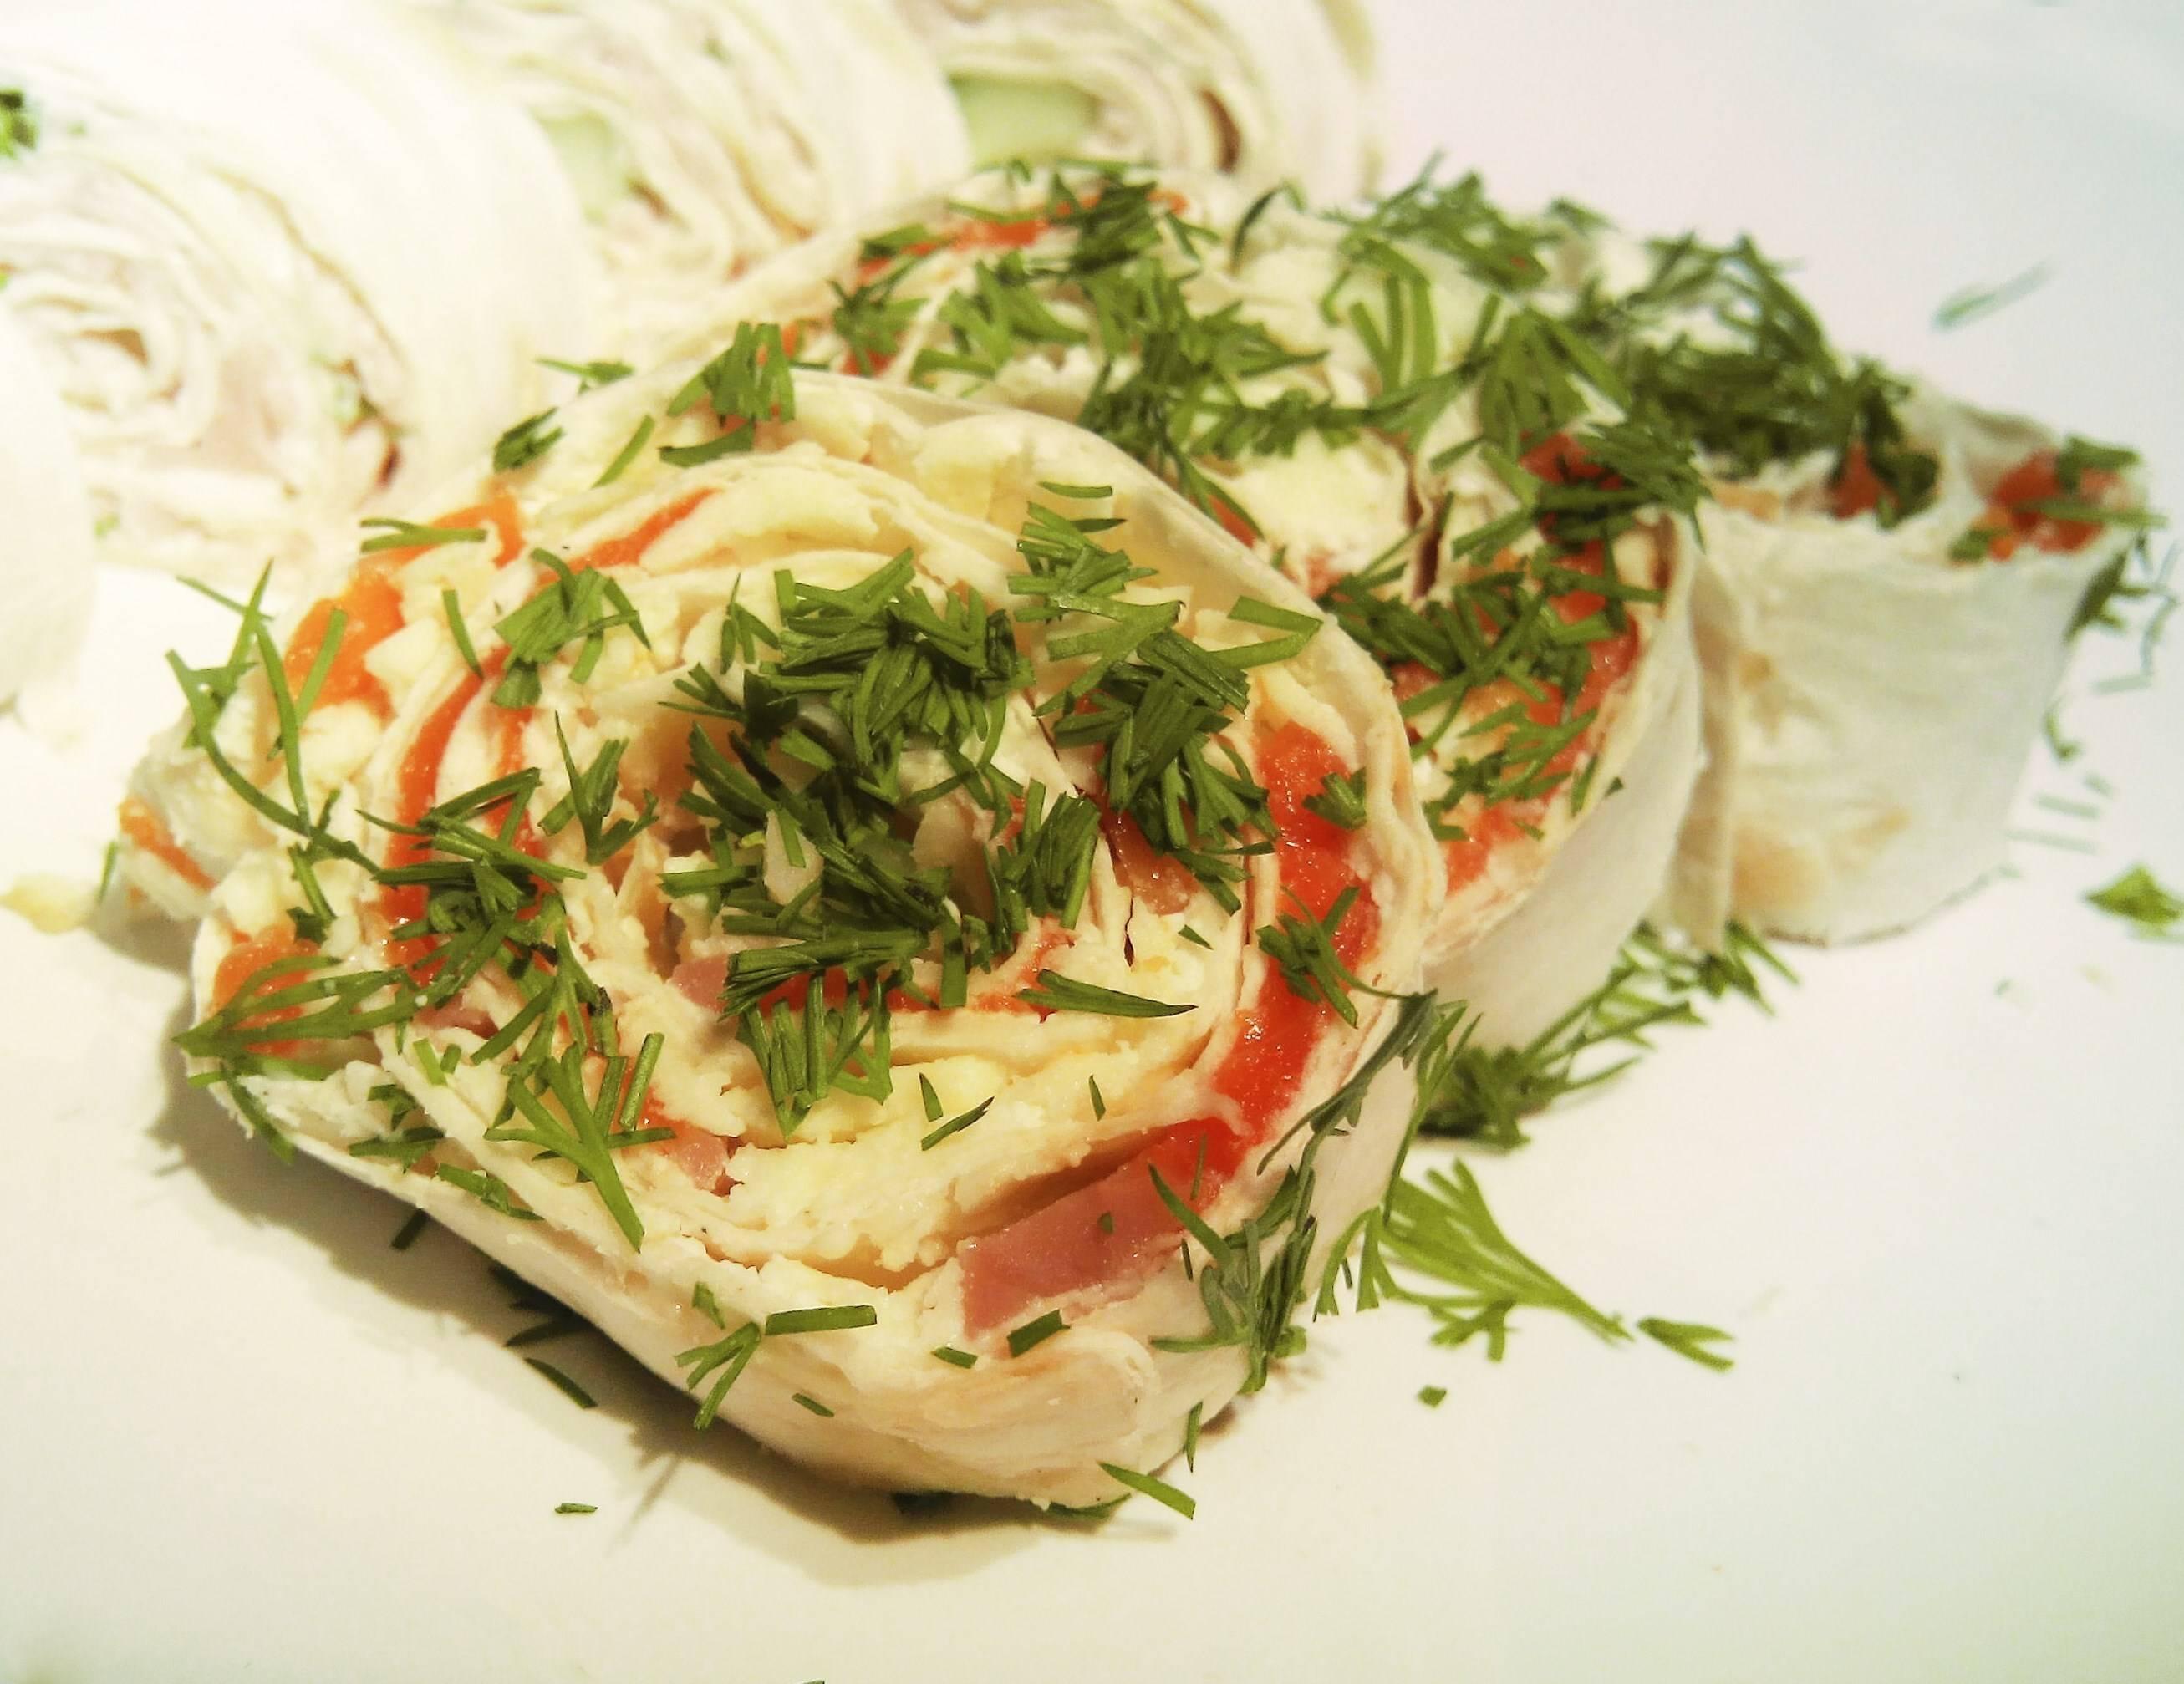 Рулет из лаваша с красной рыбой - как приготовить вкусную начинку по пошаговым рецептам с фото